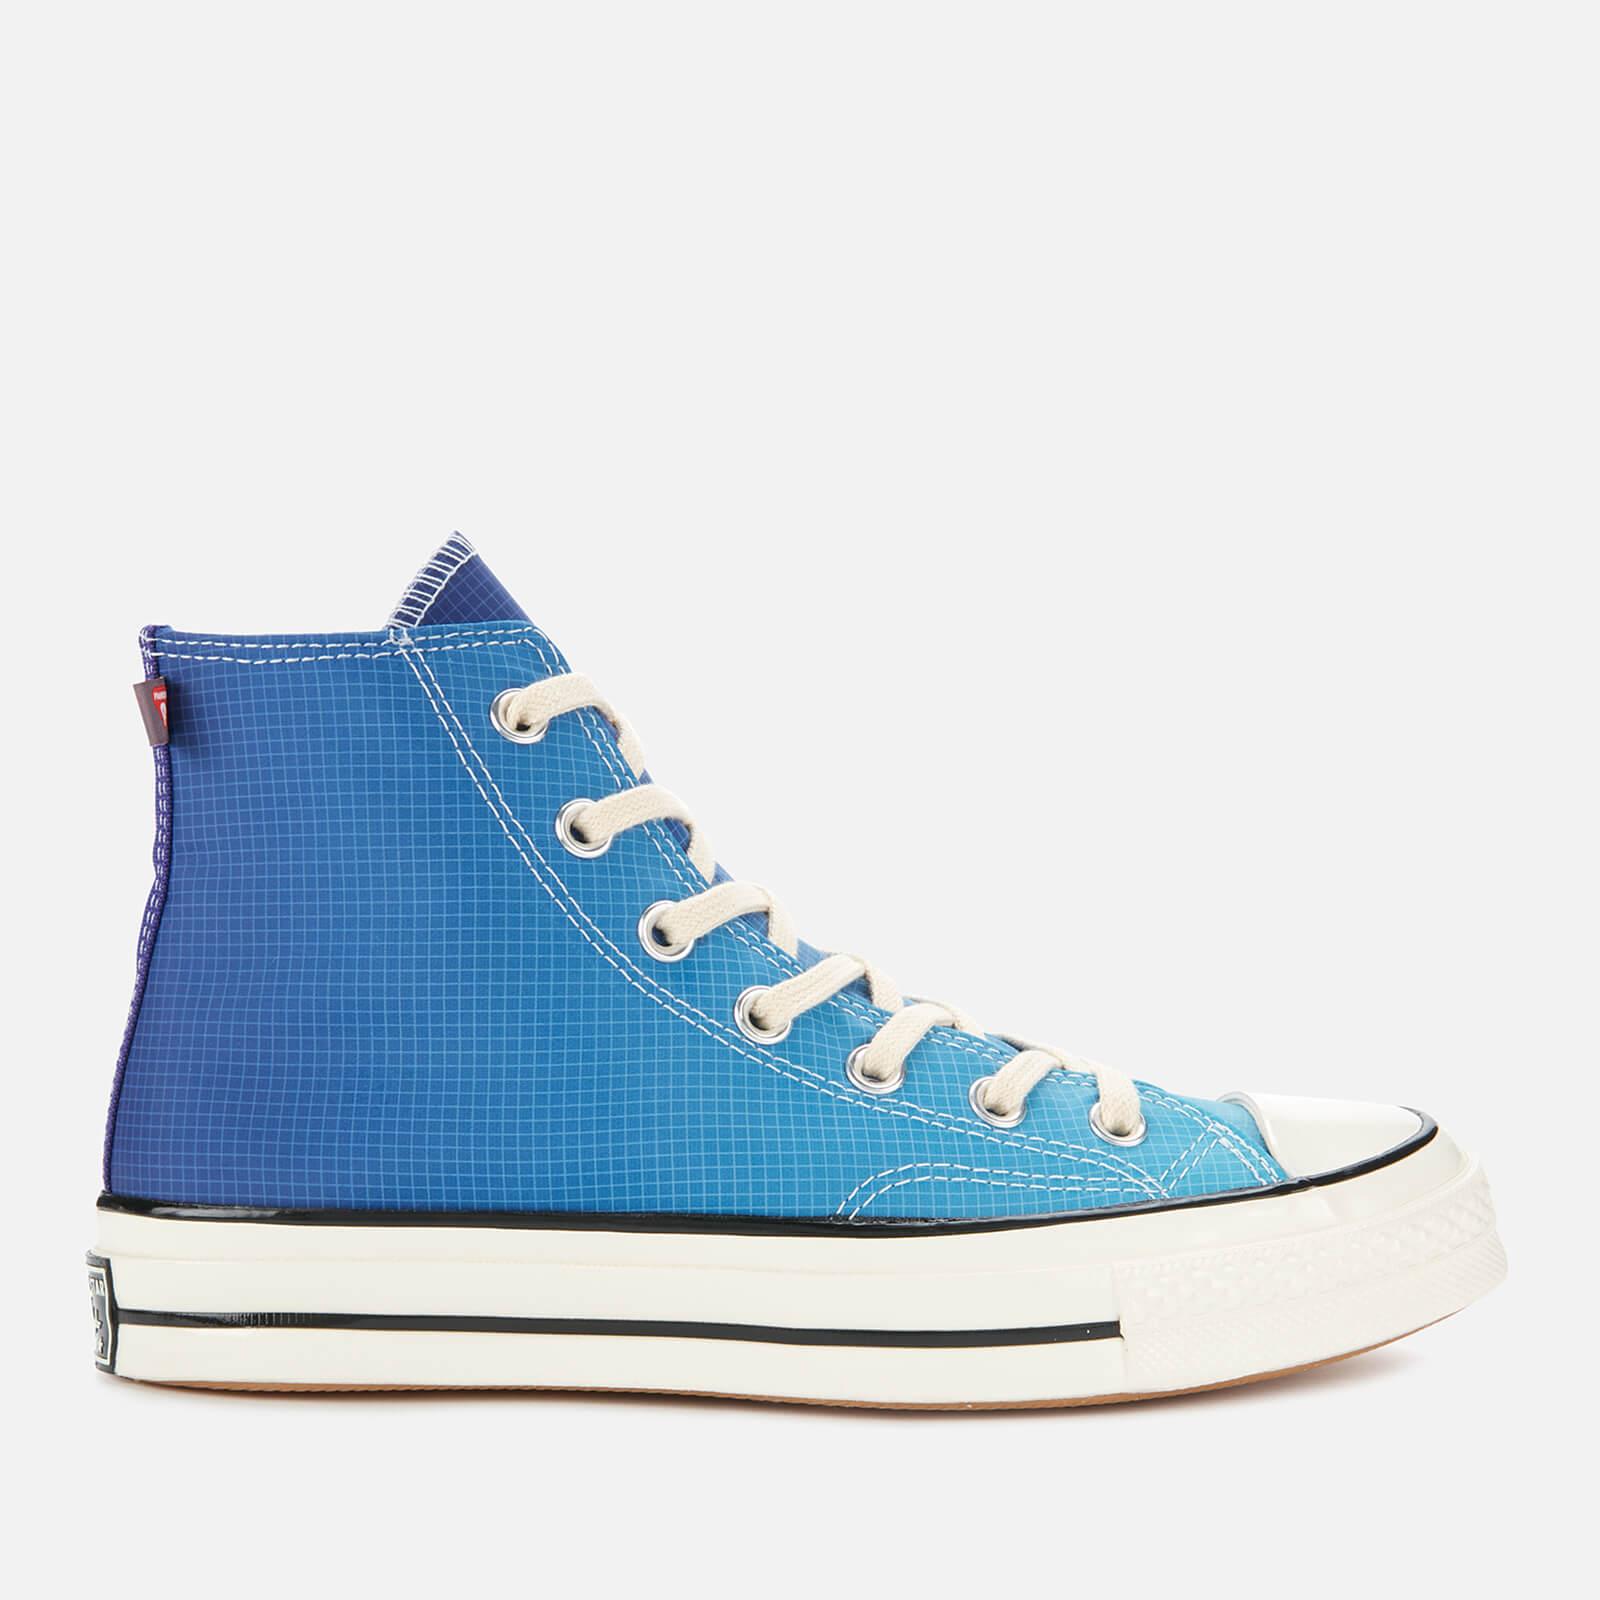 Converse 匡威 Chuck Taylor '70 高帮运动鞋